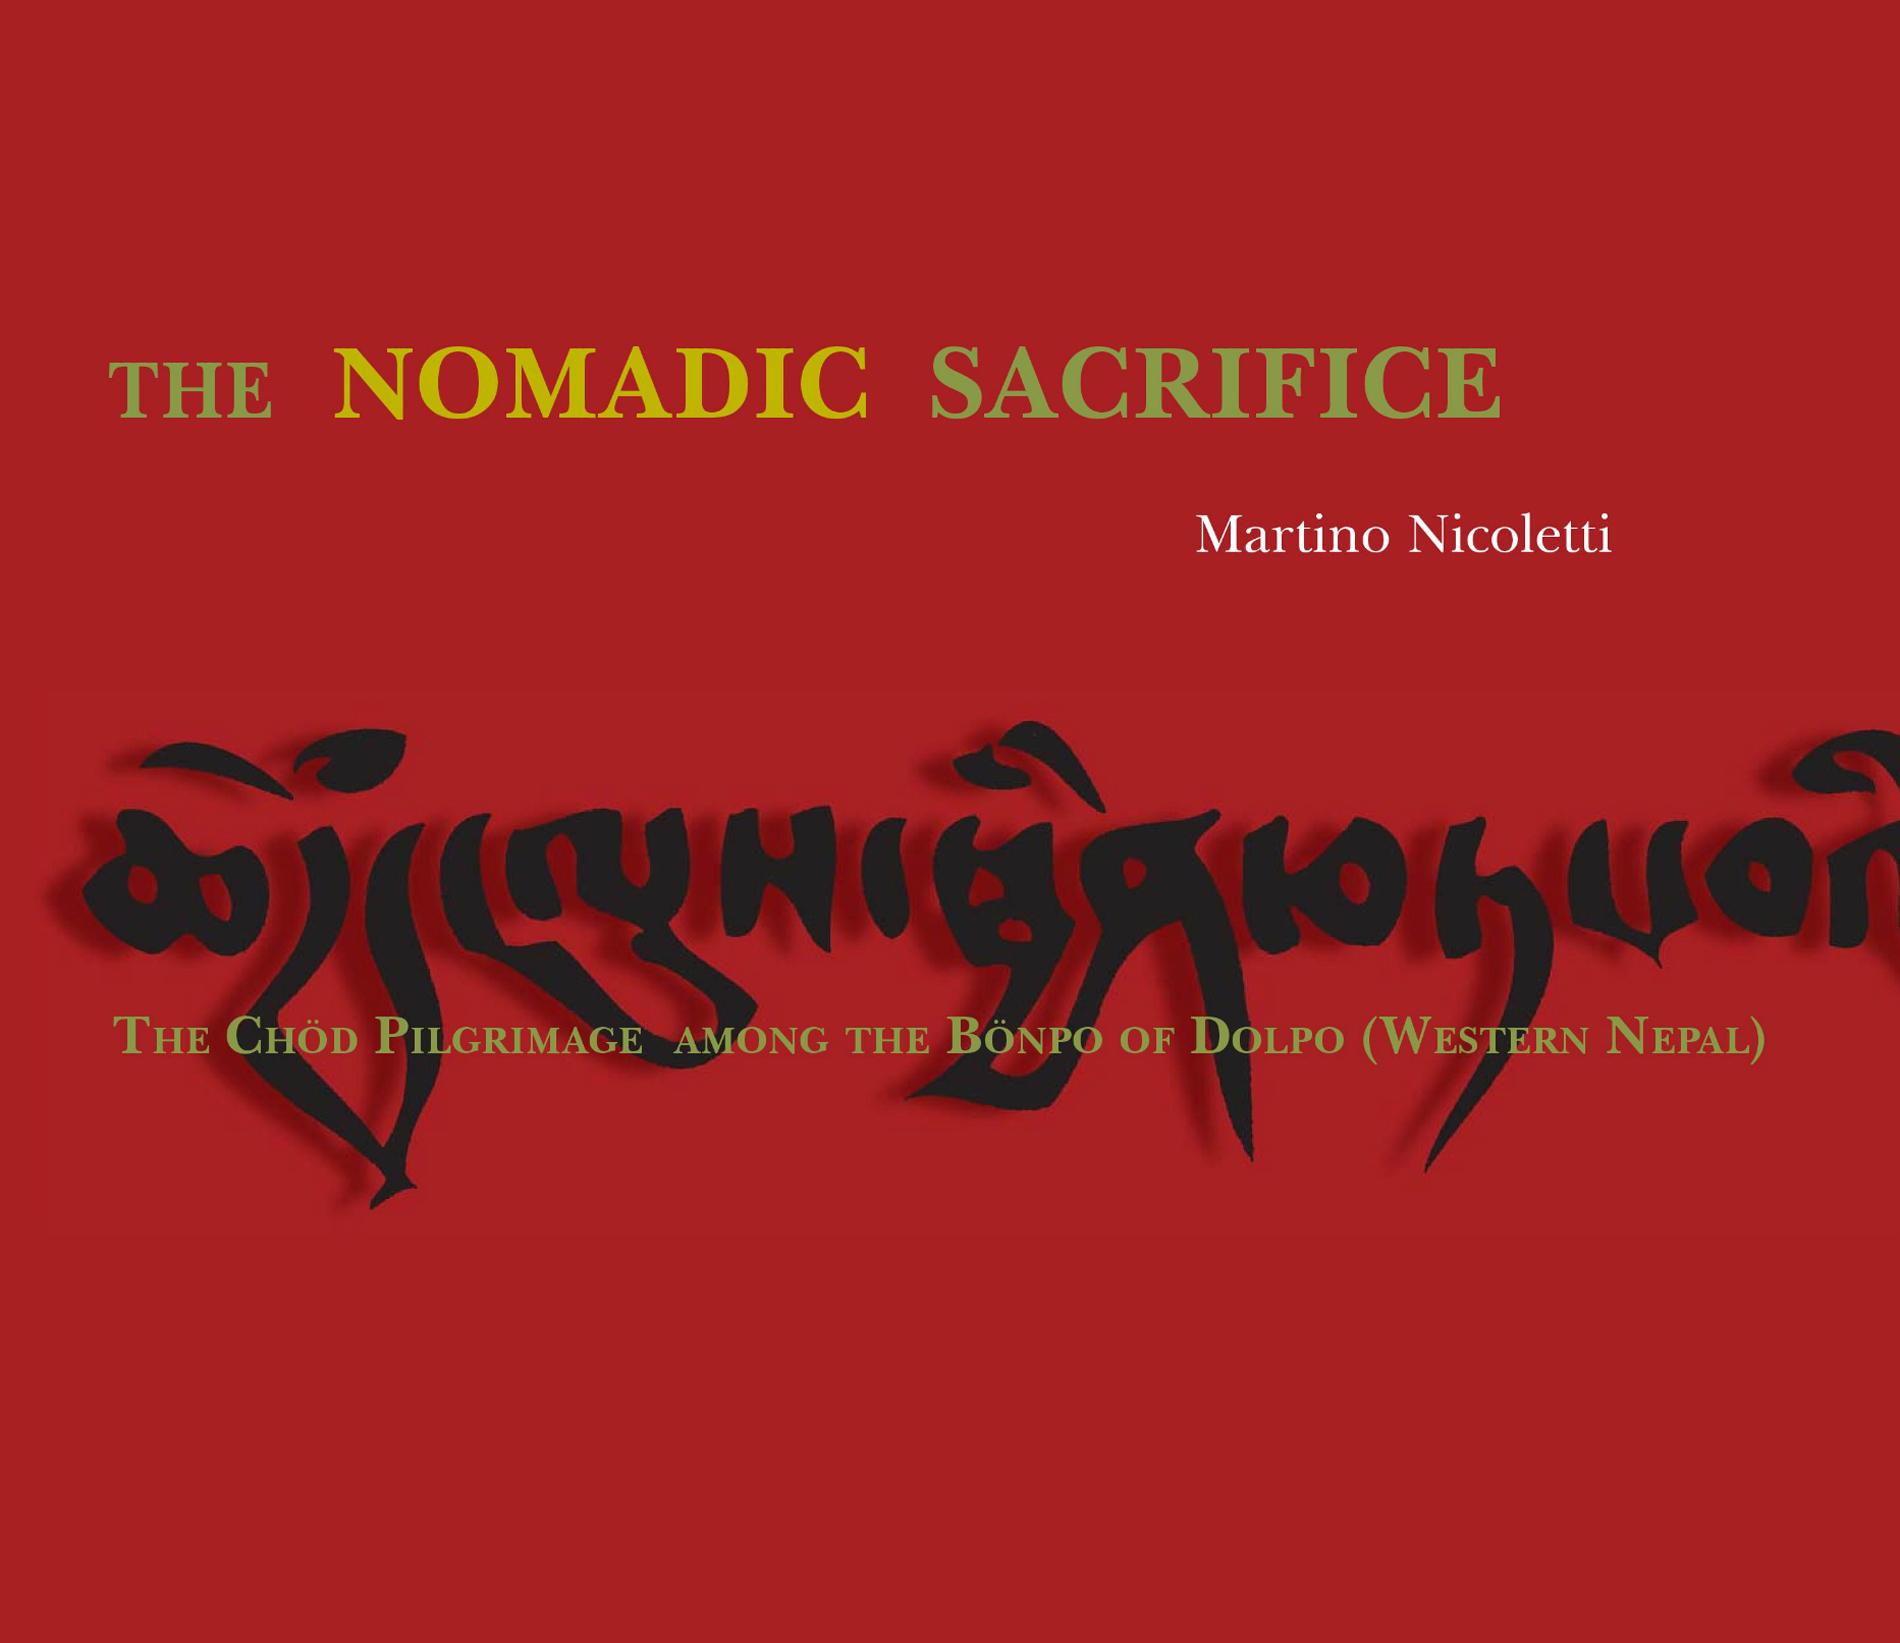 THE NOMADIC SACRIFICE